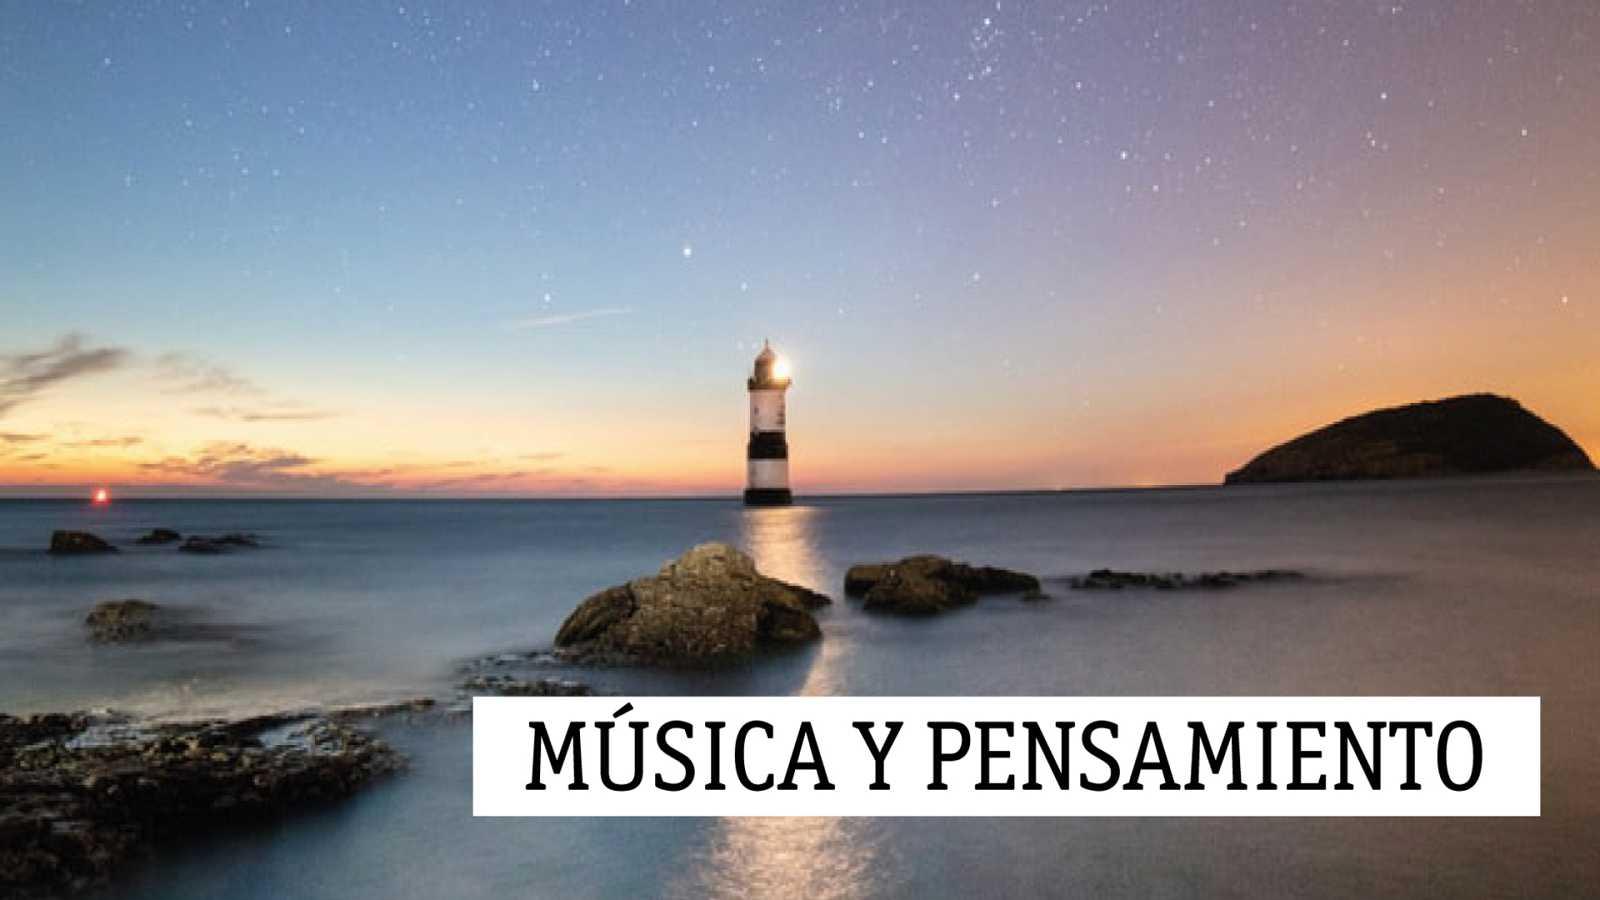 Música y pensamiento - Vilem Flusser y la Filosofía de la fotografía - 13/12/20 - escuchar ahora